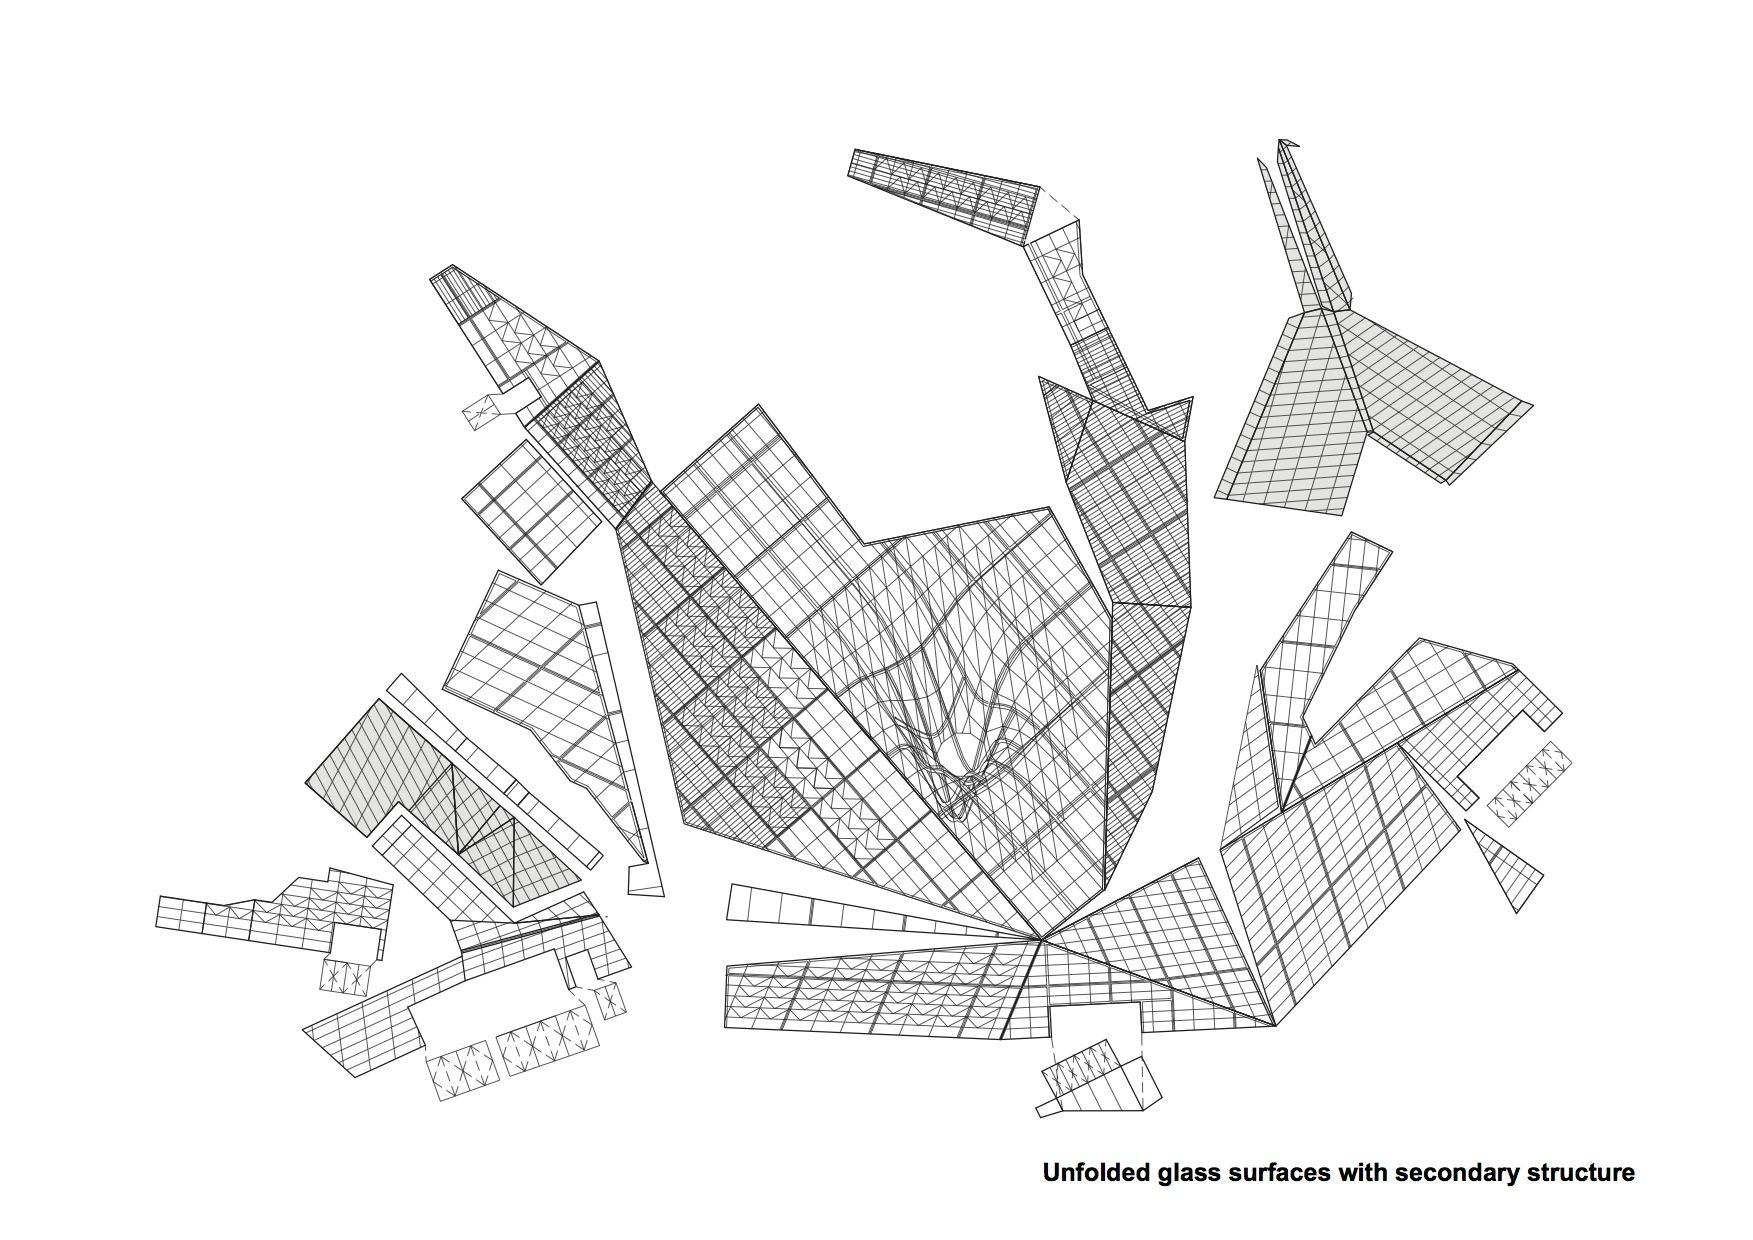 Struktur. Das Sekundärtragwerk trägt die großen Glaspaneele. Es besteht aus Stahlrohr, die im Raster der Glaspaneele angeordnet sind. Die Verbindung mit dem Primärtragwerk erfolgt durch Streben aus Rohrprofilen, die mit den am Primärtragwerk angeschweißten Platten verschraubt sind.